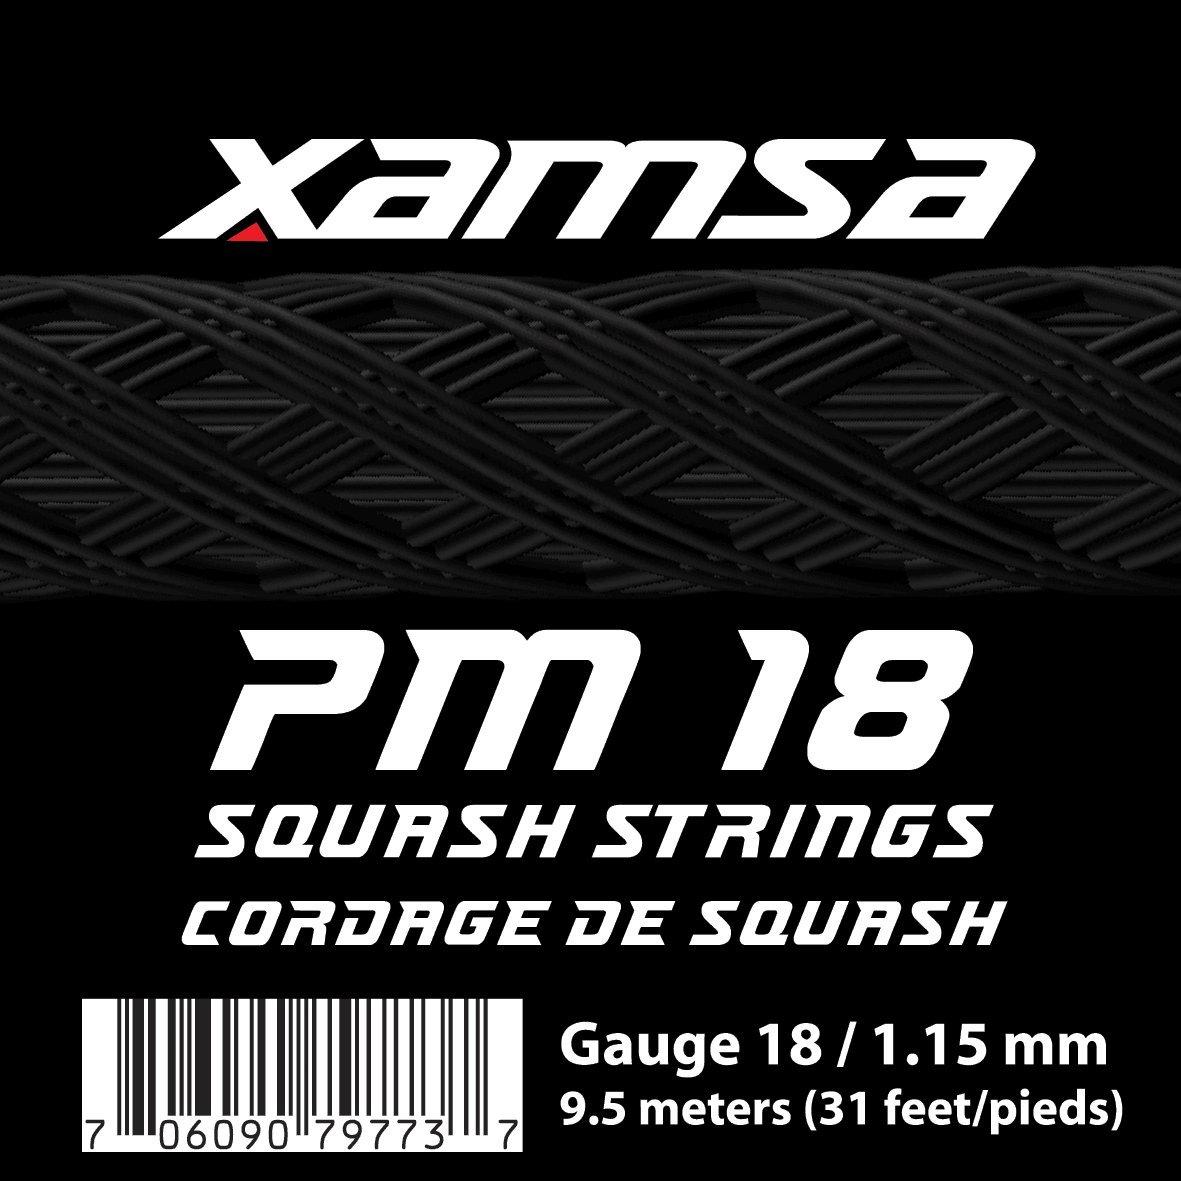 Xamsa PM 18 Squash文字列9.5メートルセット   B07772NT63